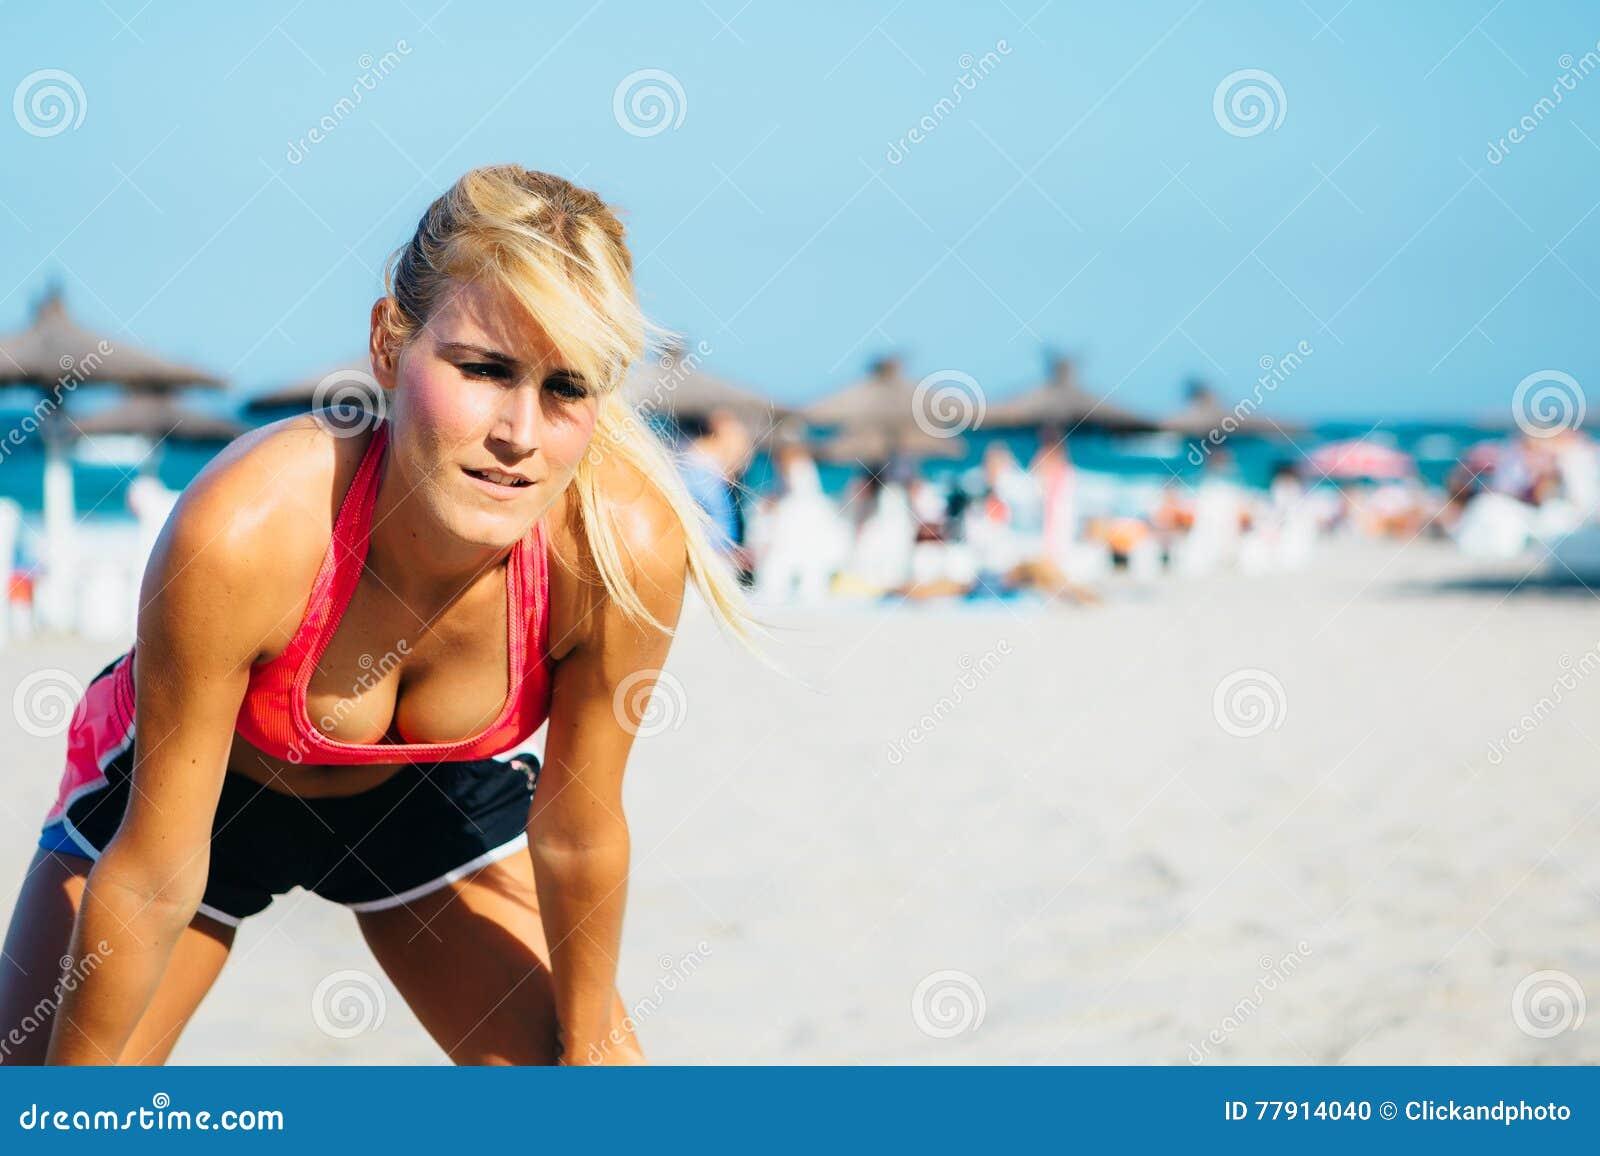 Сексуальная спортсменка фото, пизда крупным планом при ебле по русски с большими хуями